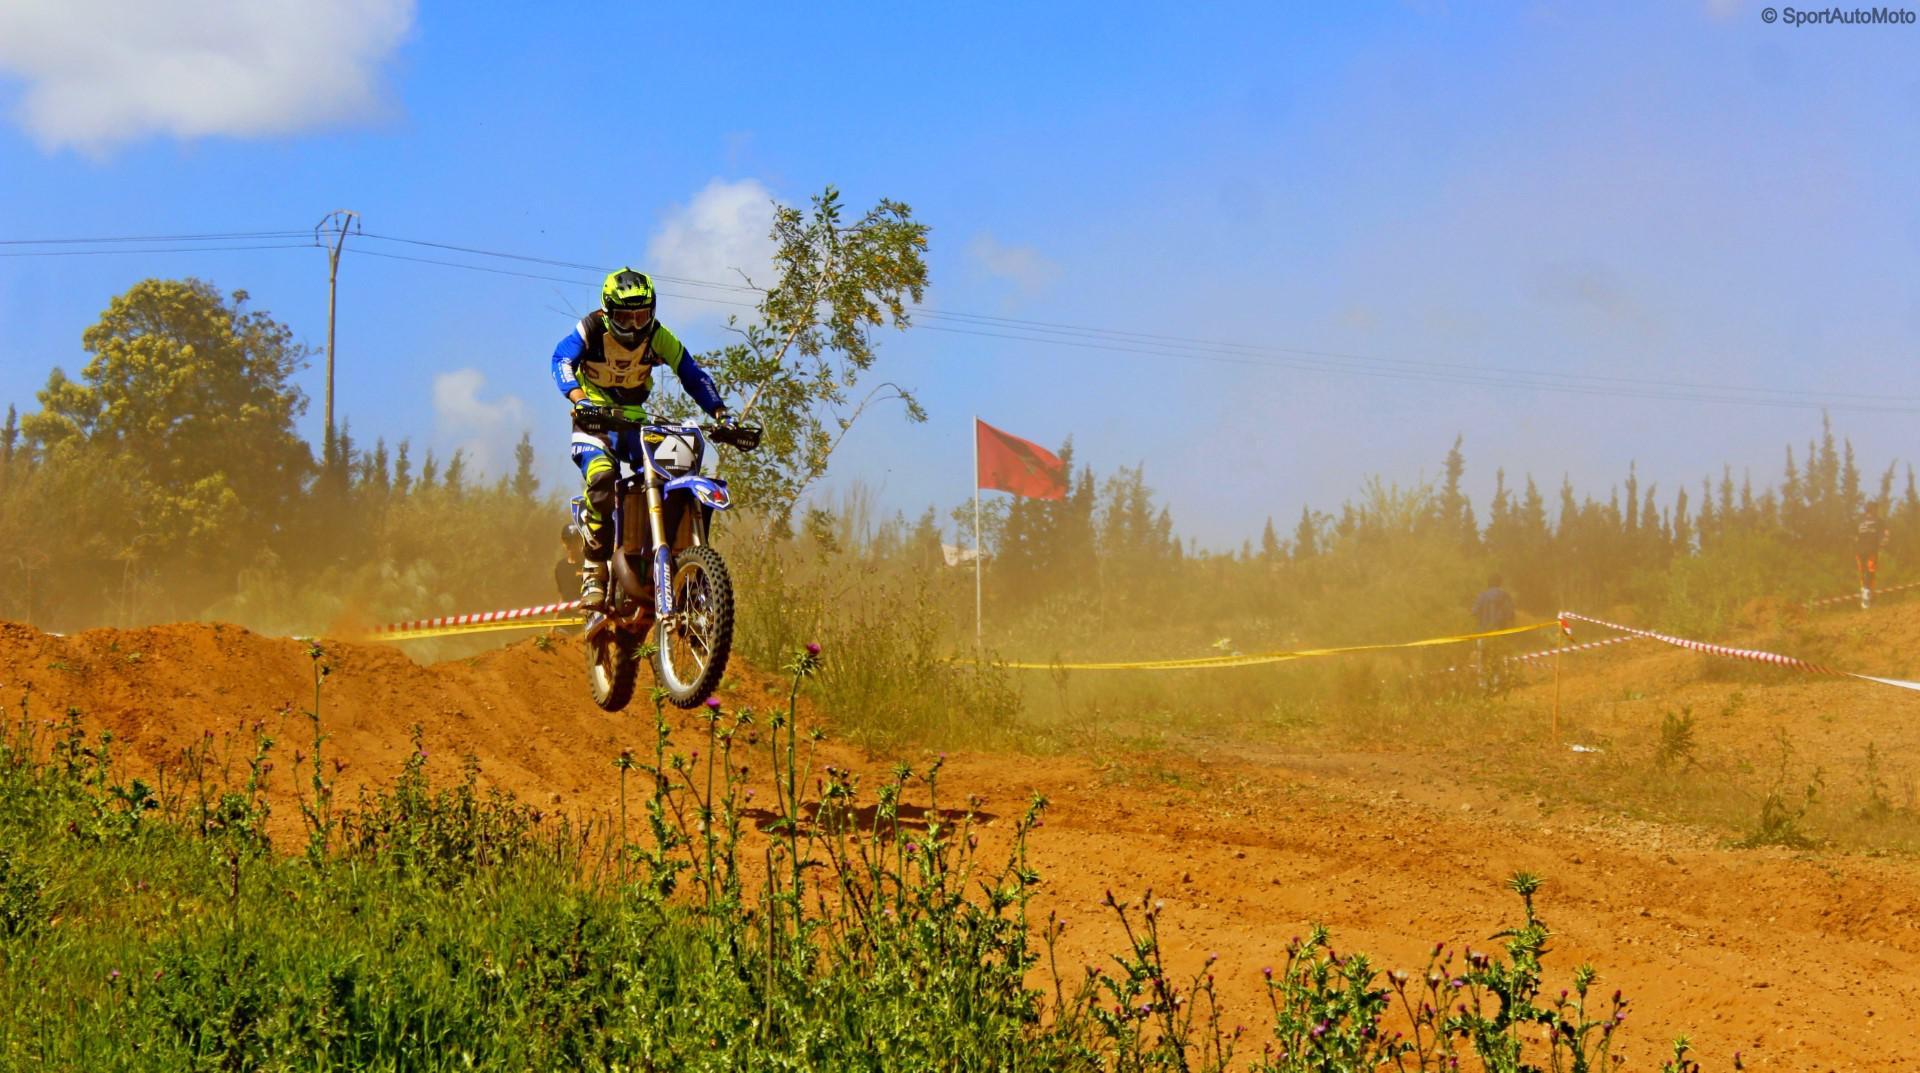 championnat-du-maroc-de-motocross-kenitra-774-17.jpg